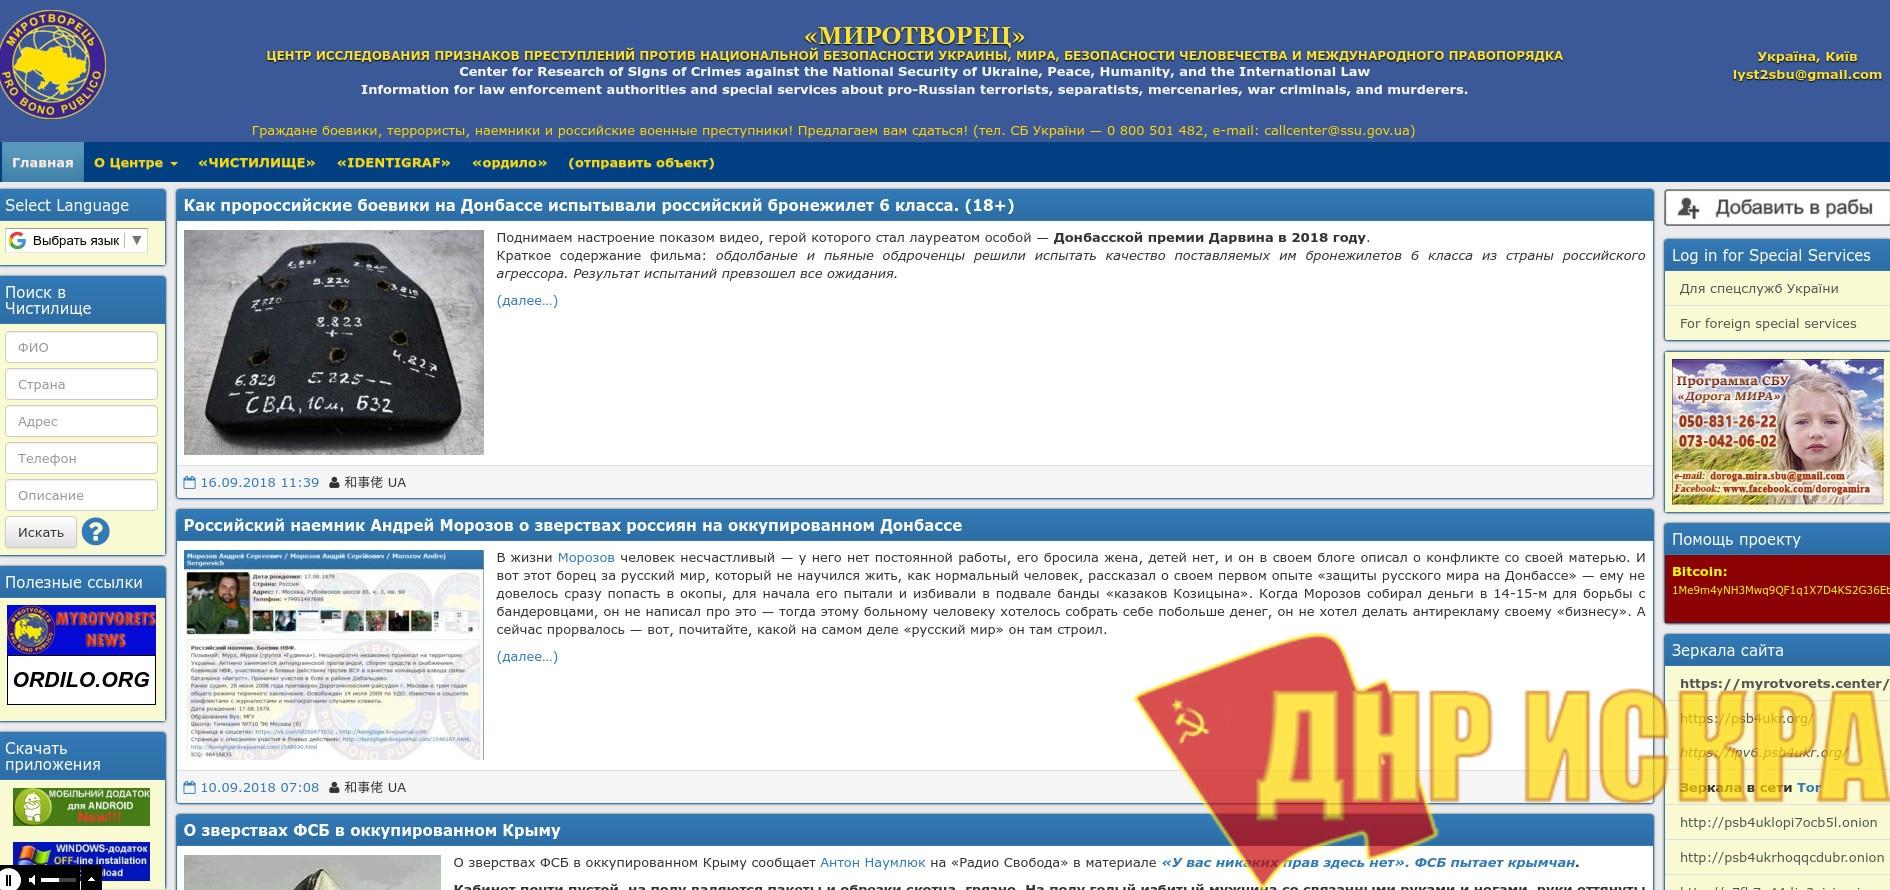 Правозащитники обратились к генпрокурору Украины Юрию Луценко с заявлением о совершении уголовных преступлений представителями сайта «Миротворец»